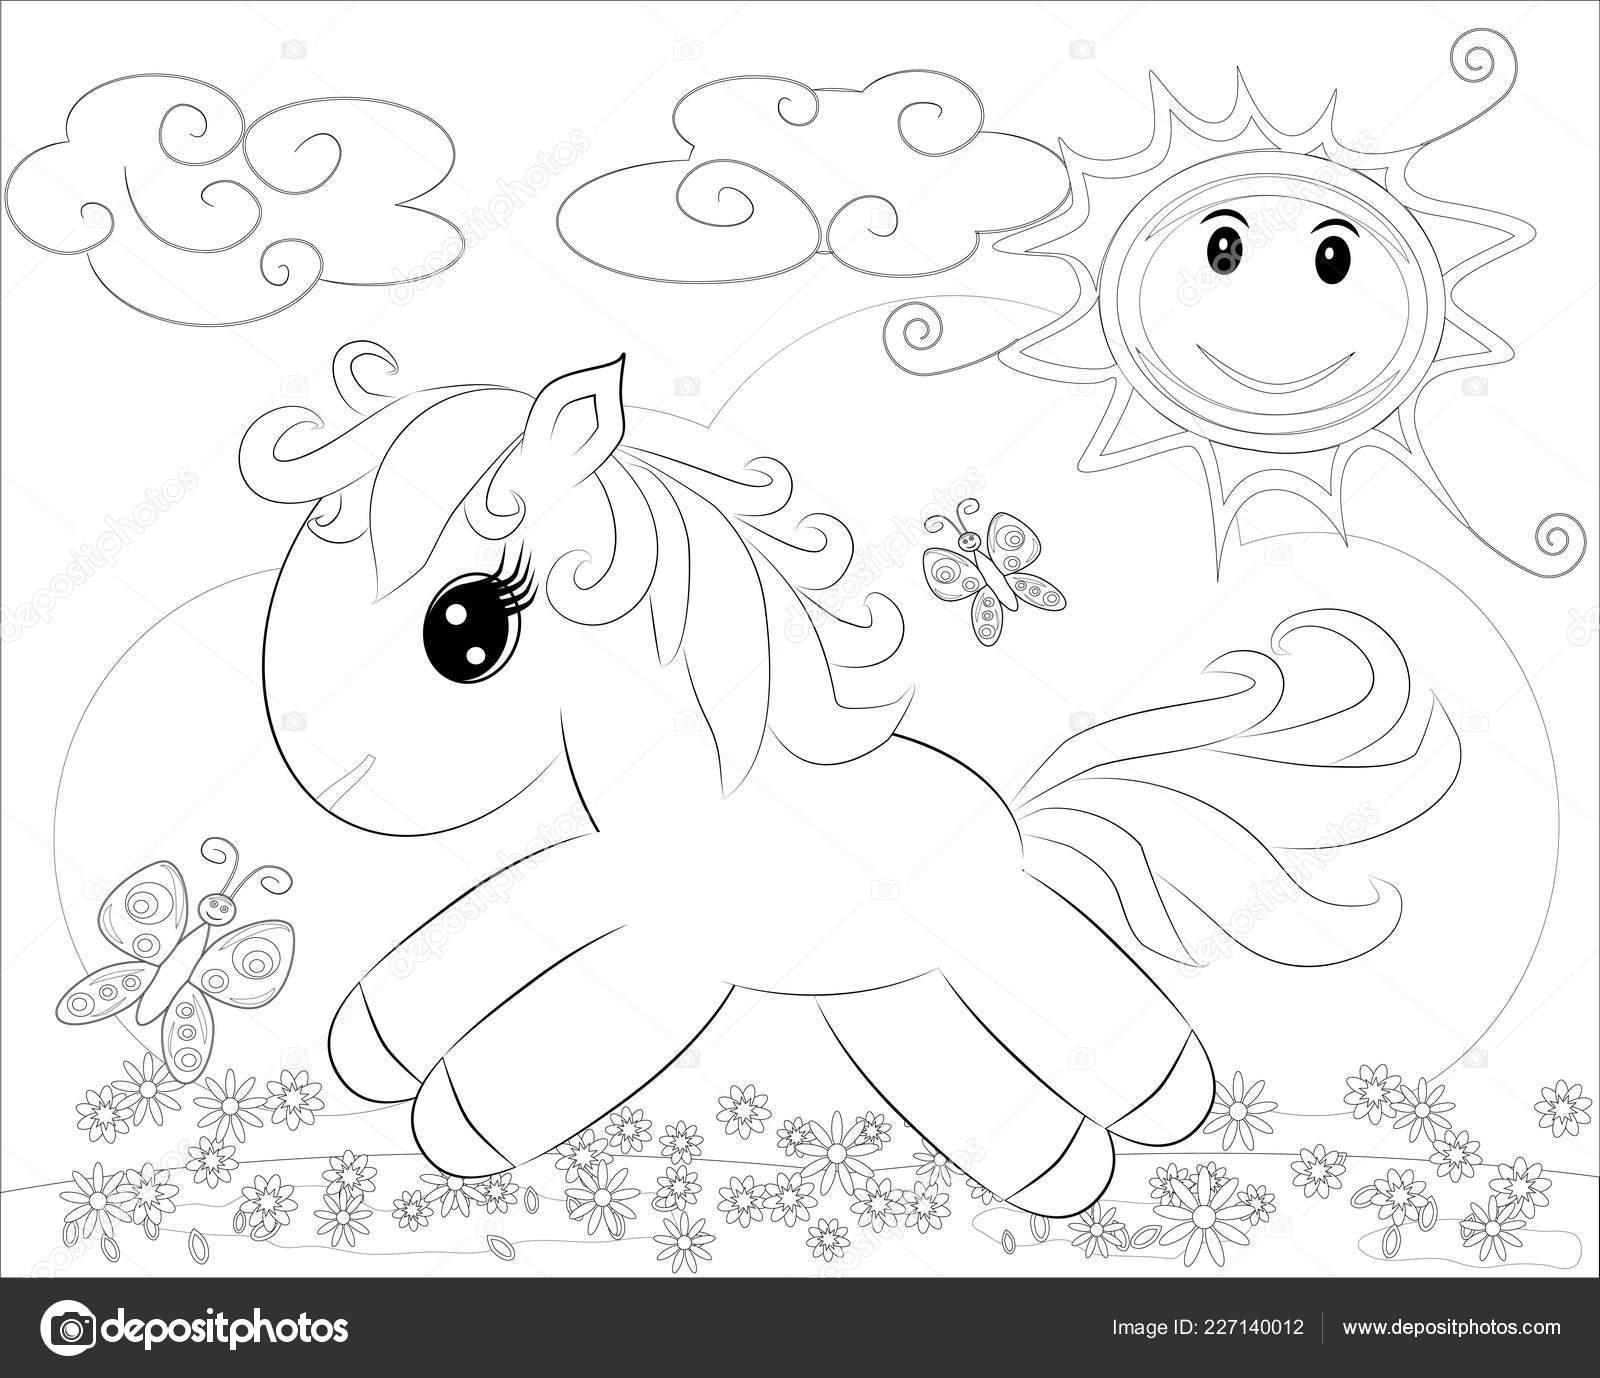 Kleurplaten Regenboog.Kleurplaten Kleine Schattige Pony Regenboog Stockvector